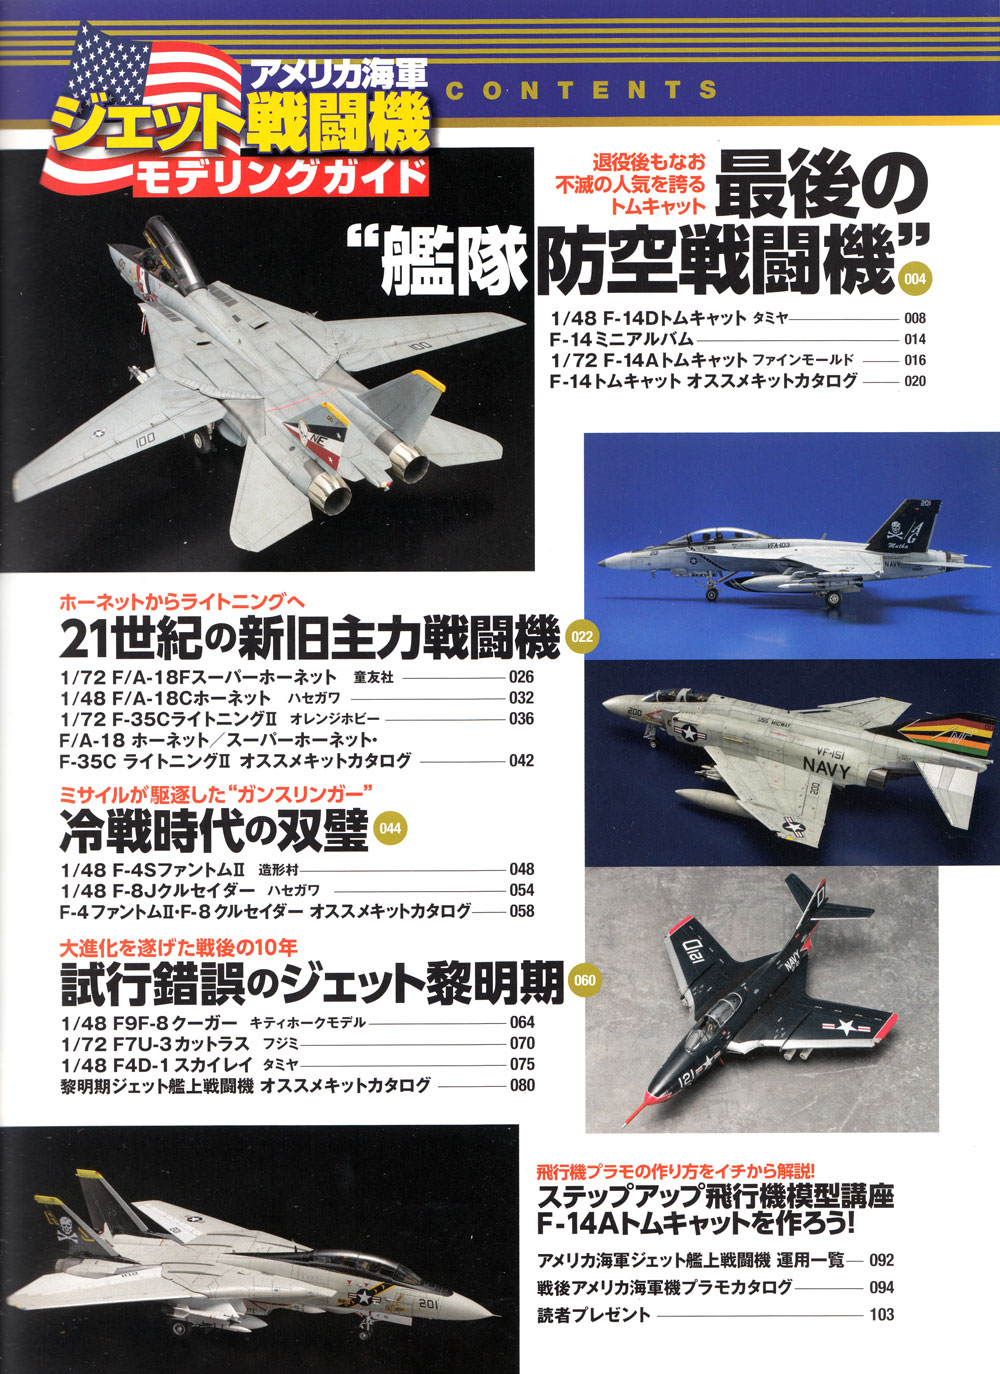 アメリカ海軍 ジェット戦闘機 モデリングガイド本(イカロス出版イカロスムックNo.61855-33)商品画像_1